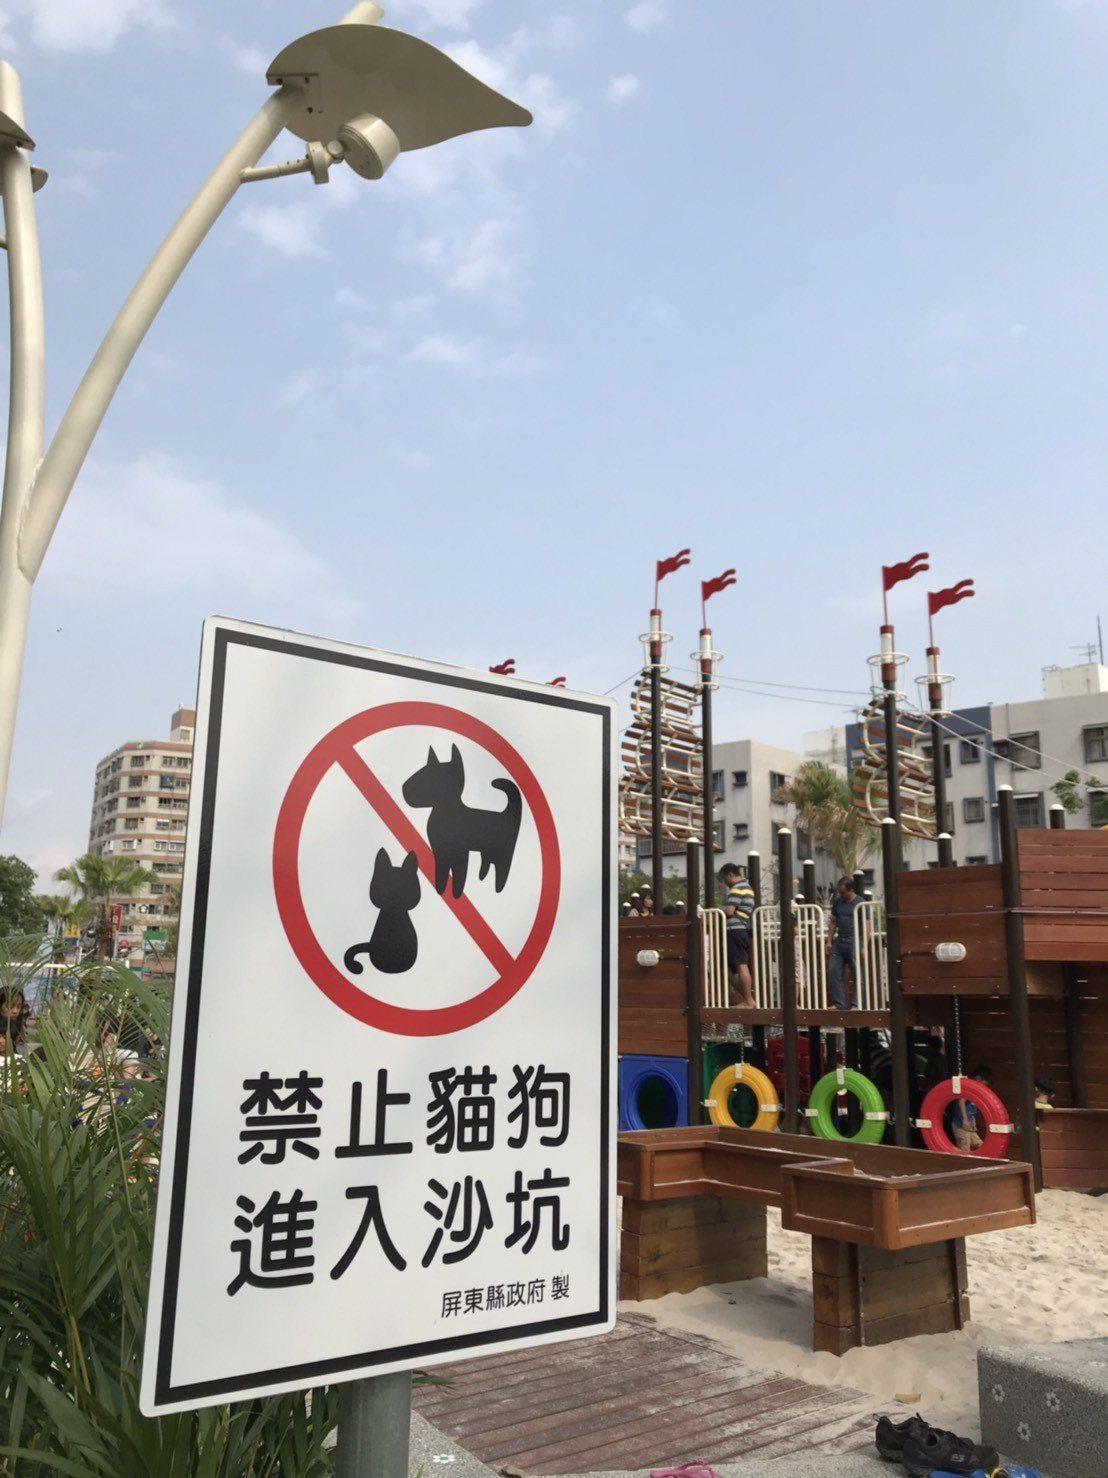 園區內設置禁止帶貓狗進去的標誌。圖/讀者mina授權提供